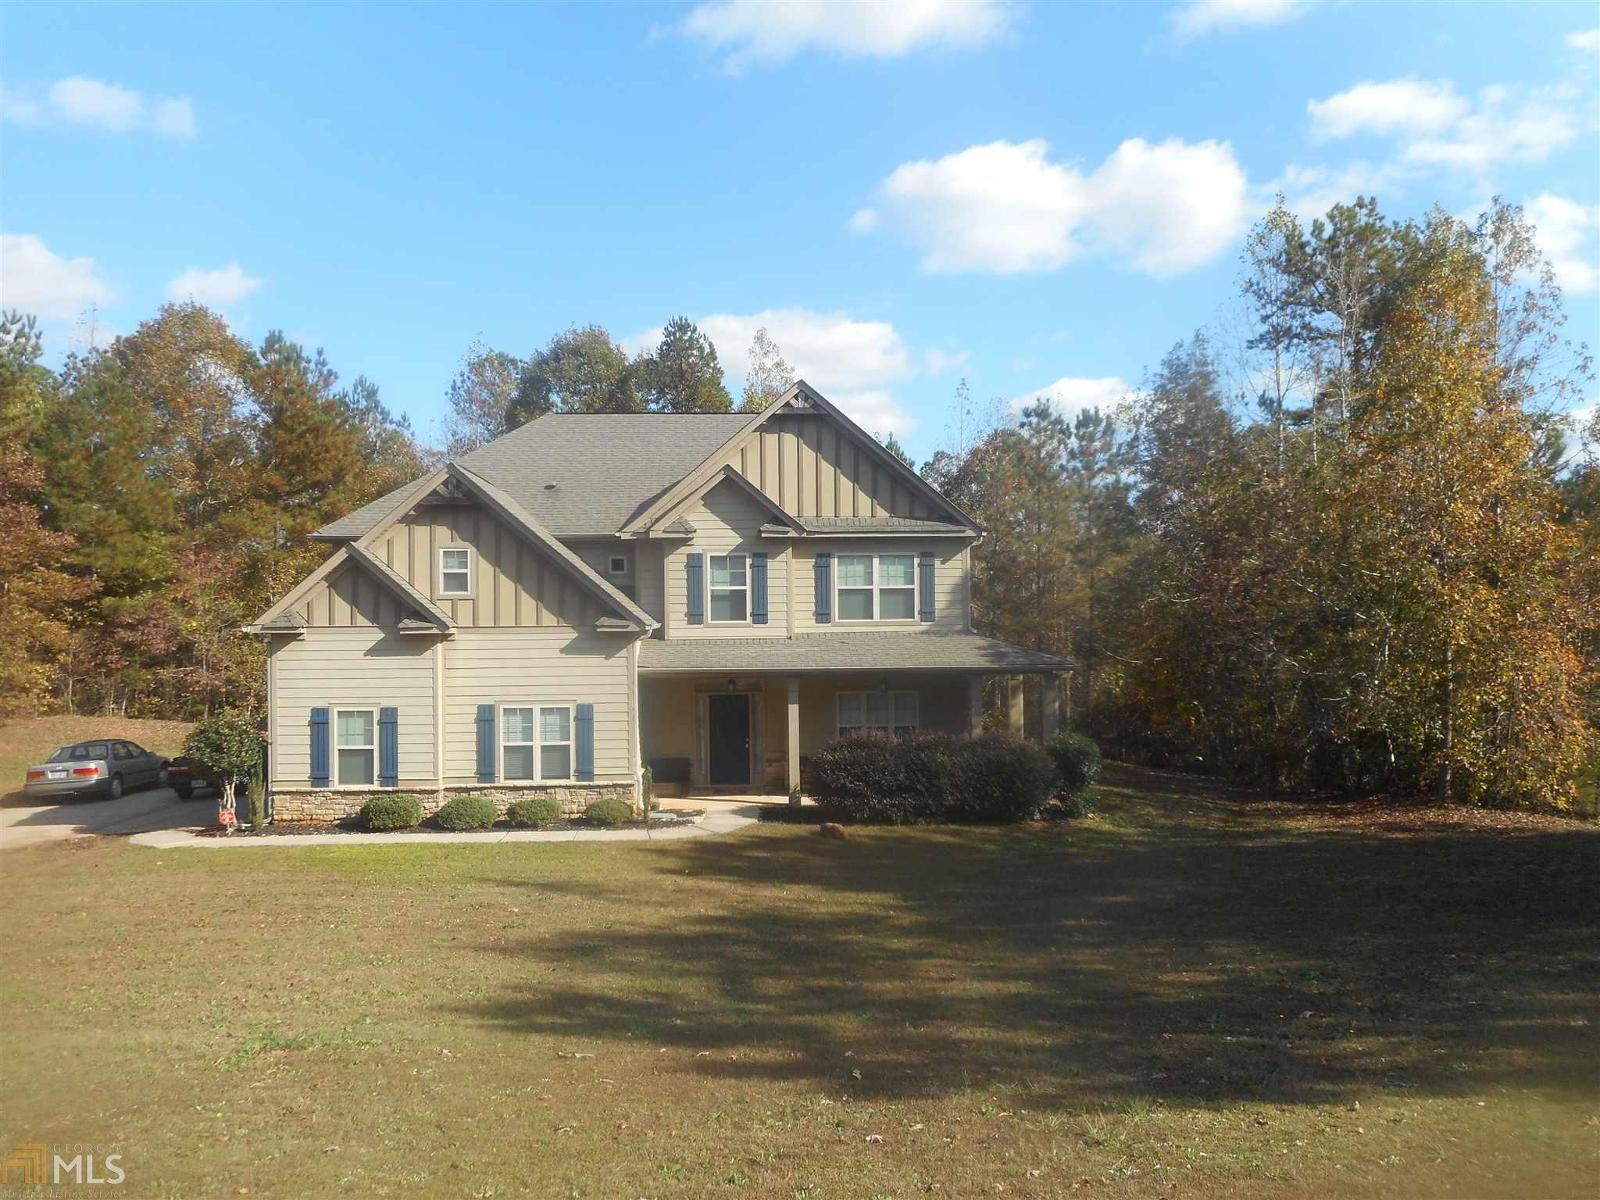 118 cedar ridge dr lagrange ga mls 8287710 better for Home builders lagrange ga